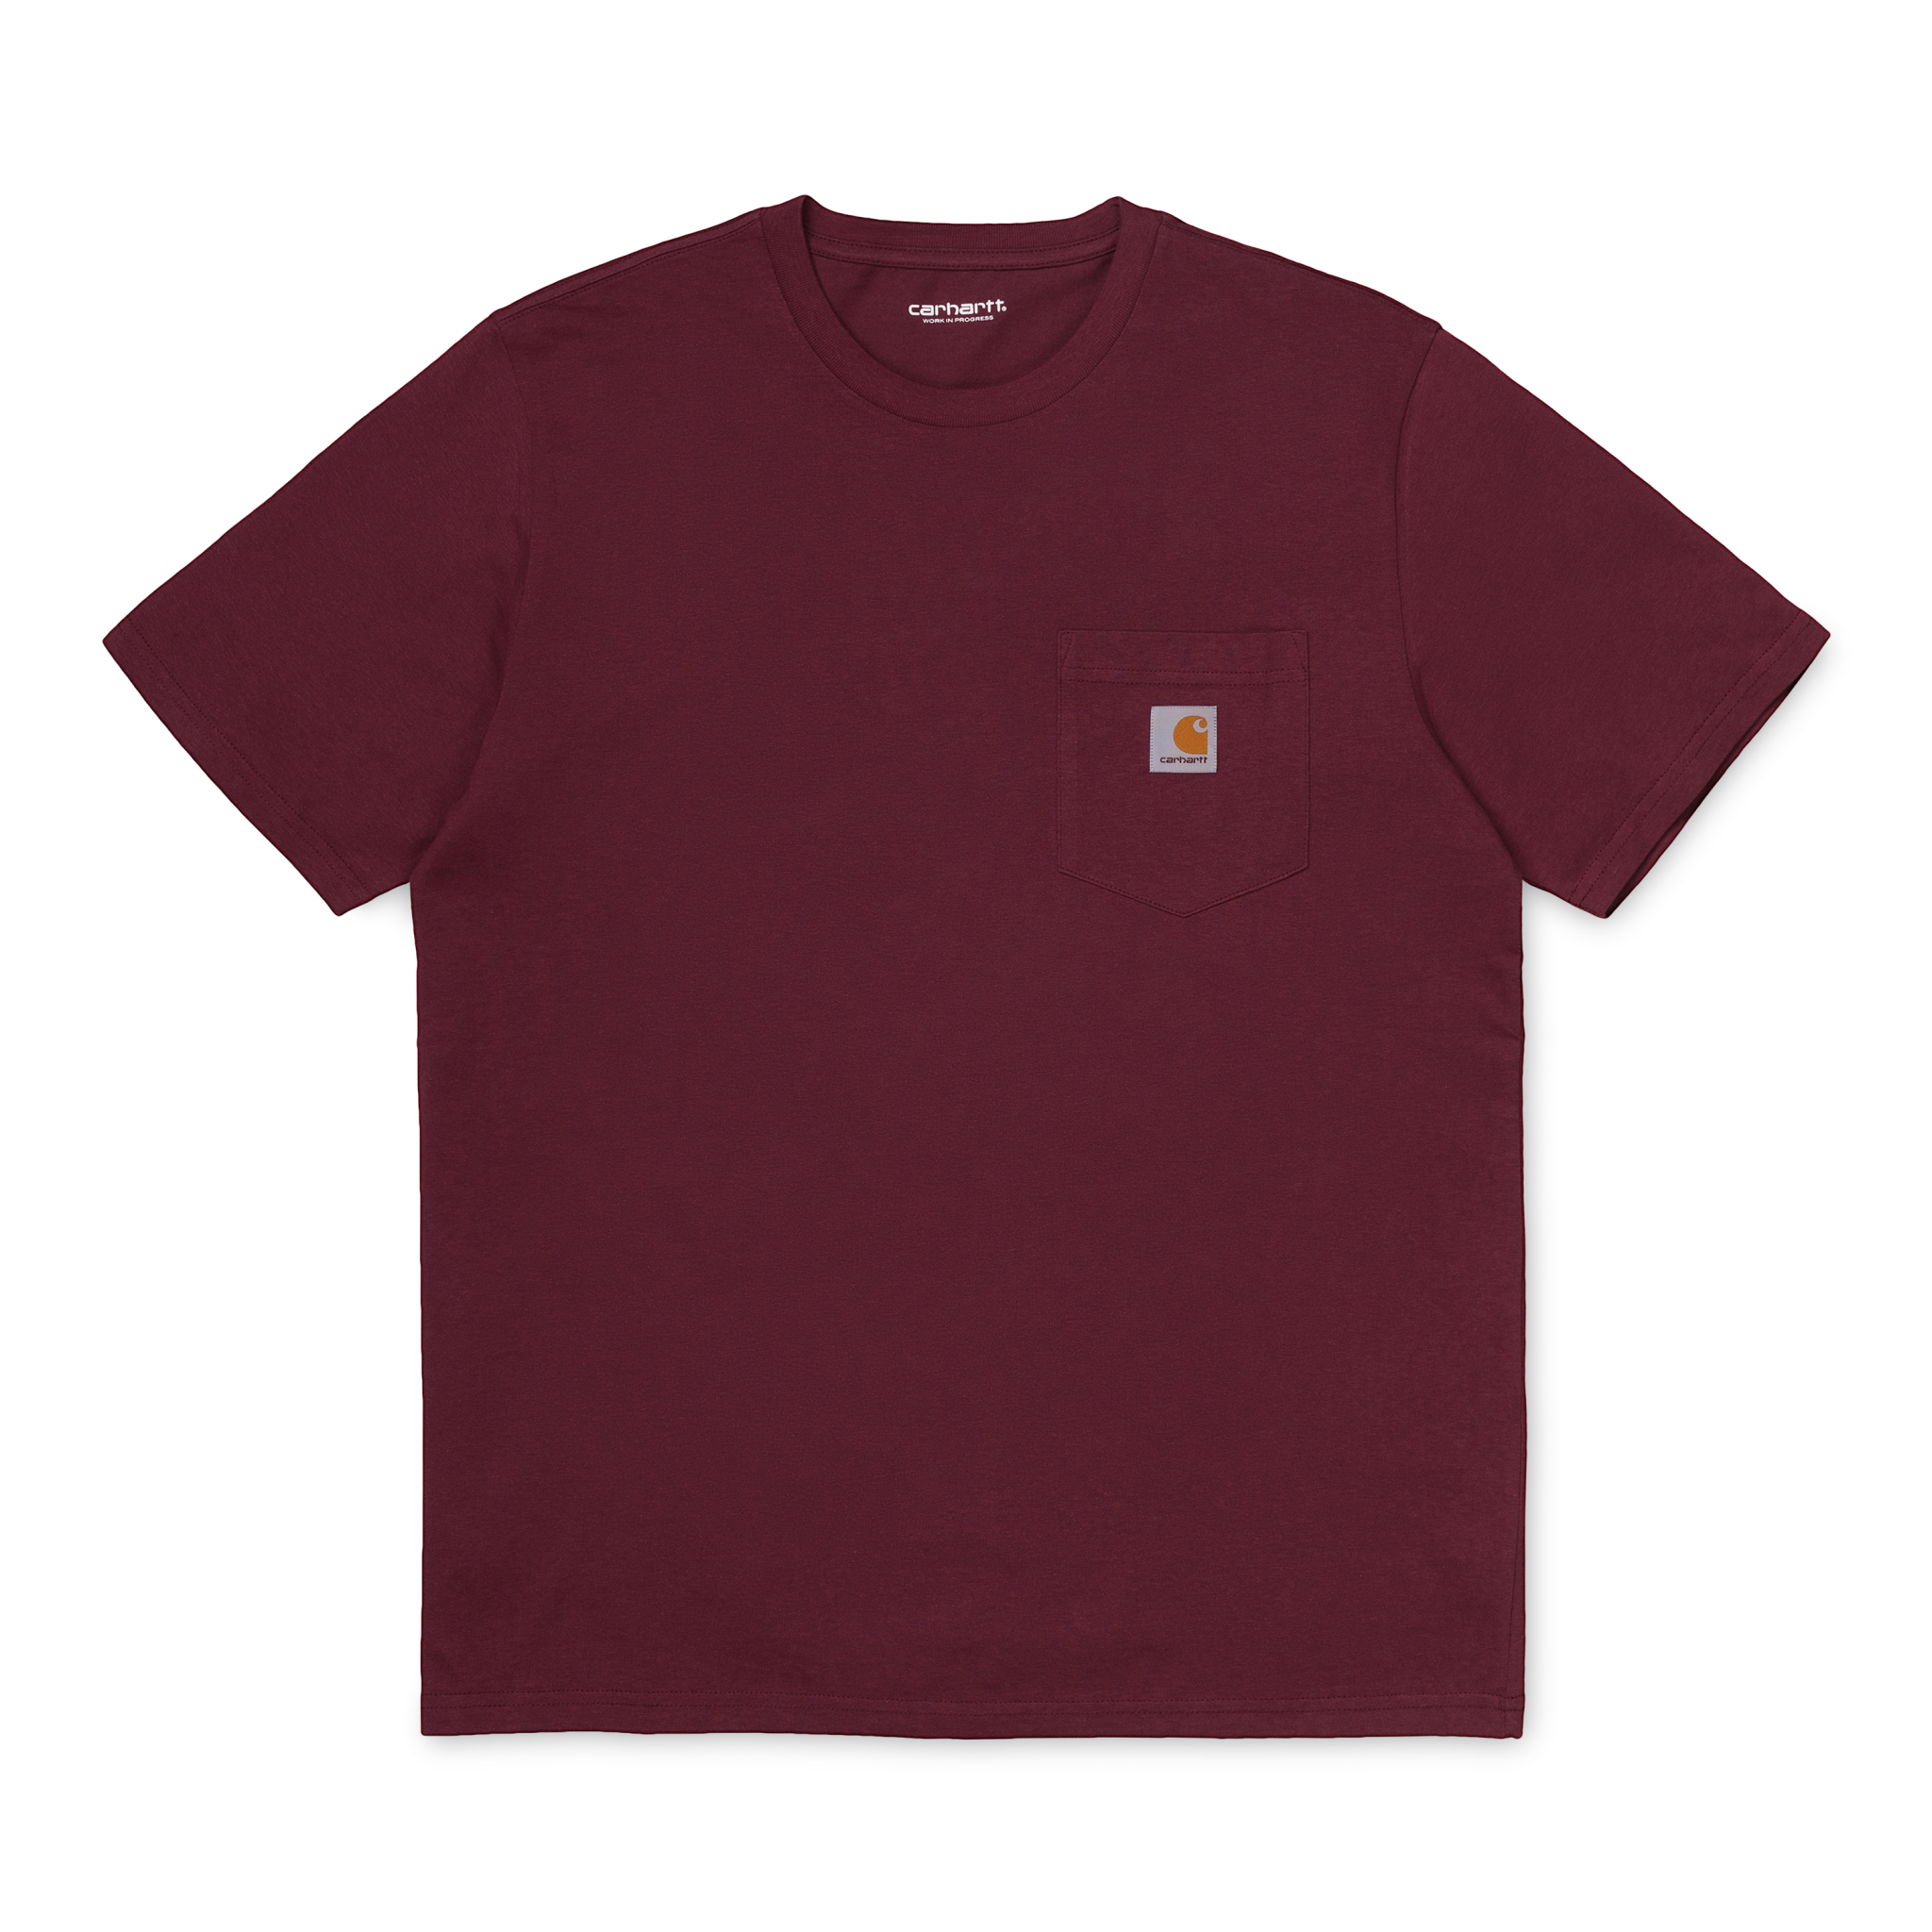 Carhartt Work In Progress Pocket T-shirt in Bordeaux